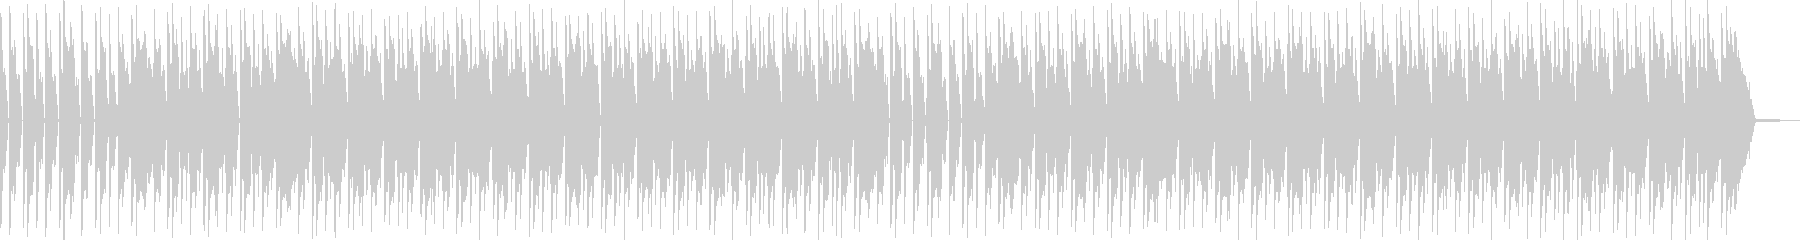 ミュージックベッドの未再生の波形